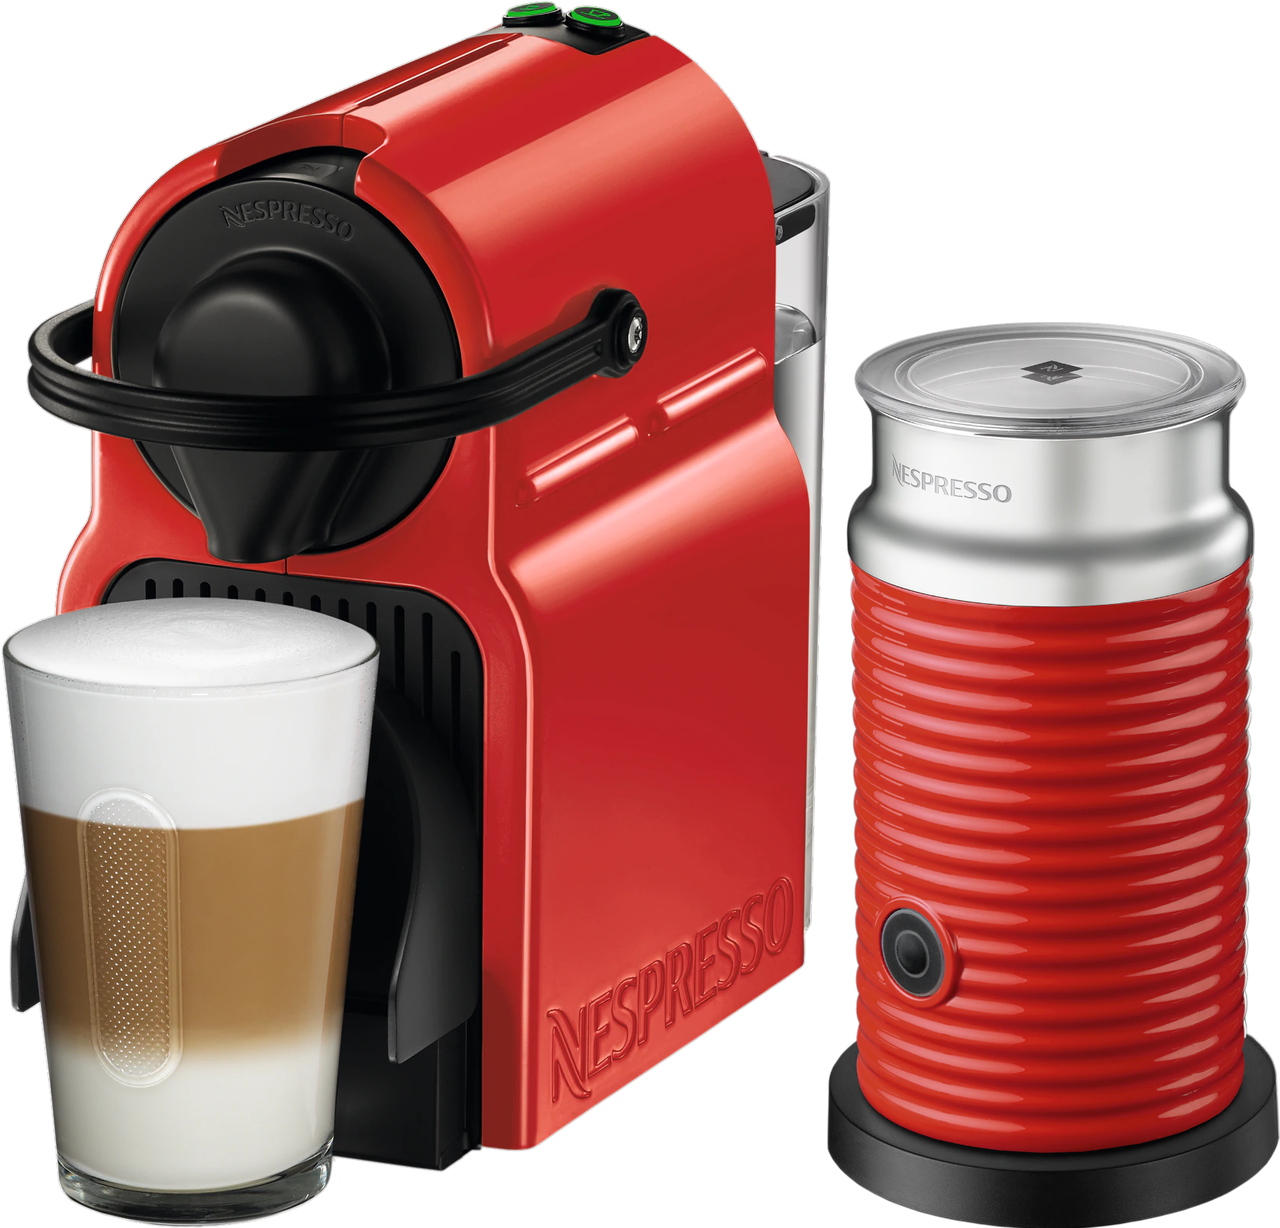 Кофемашина Nespresso Inissia Red D40 & Aeroccino 3 Red+ доставка бесплат+дегустационный набор (14 капсул)